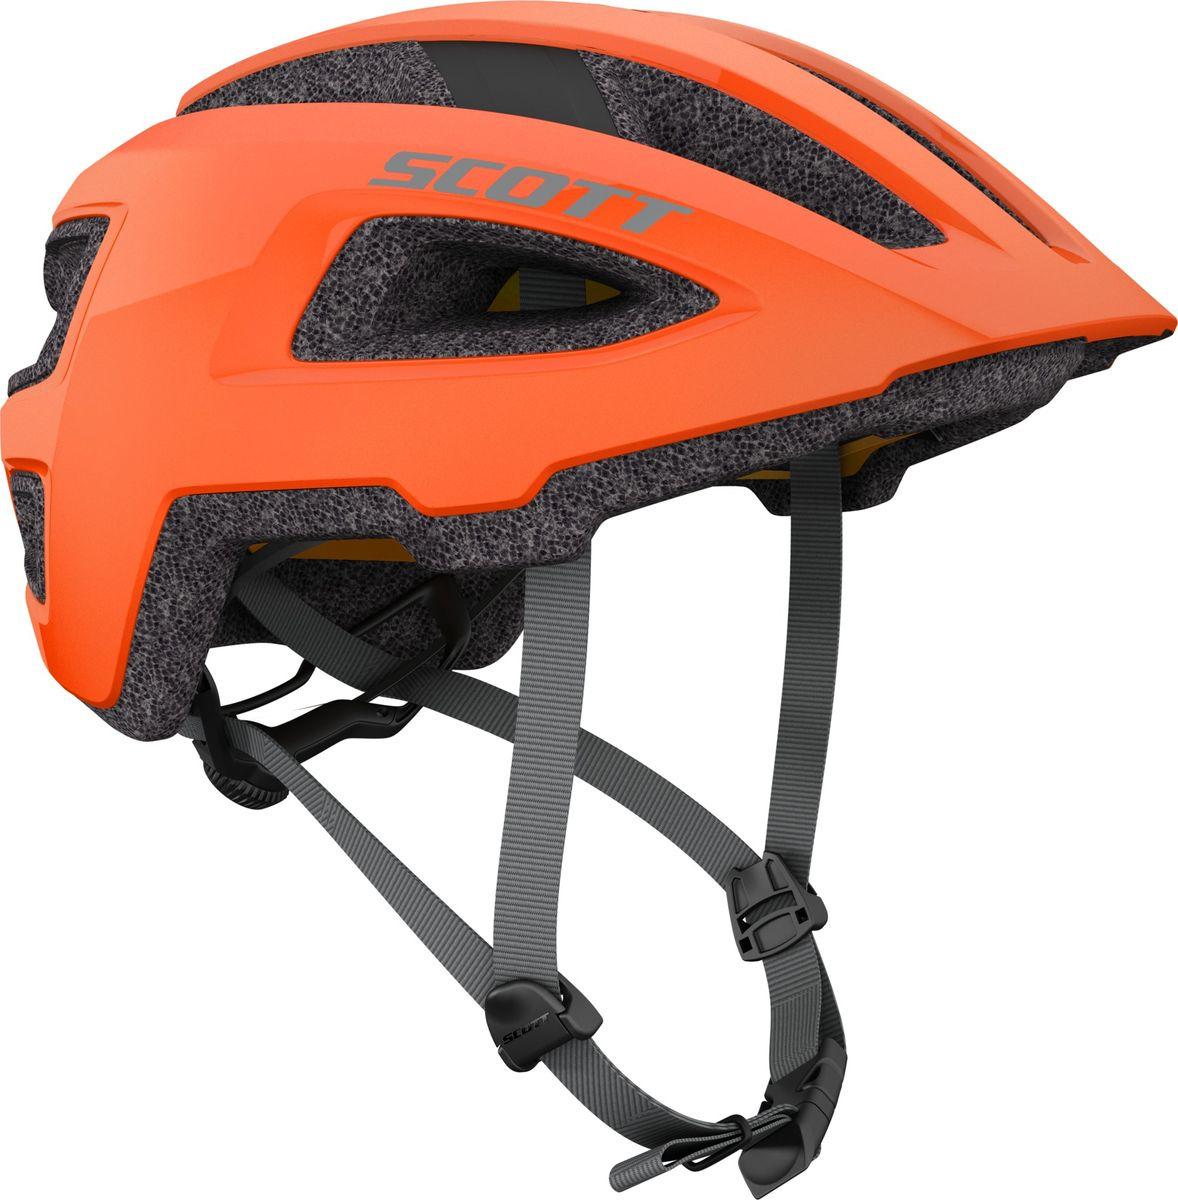 Шлем защитный Scott Groove Plus, 265532-5864, оранжевый, размер S/M